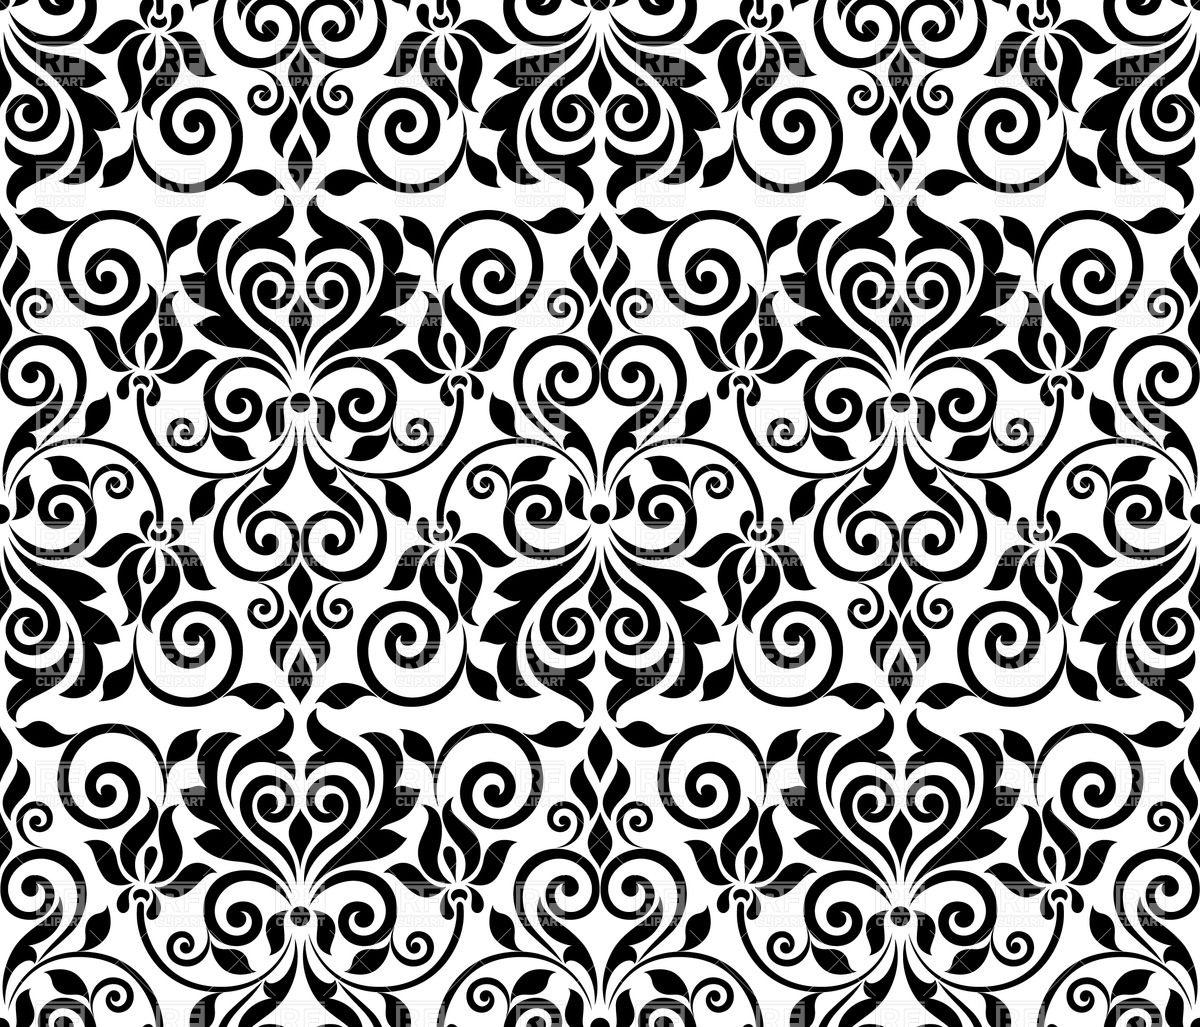 Floral Ornament Vector Clip Art